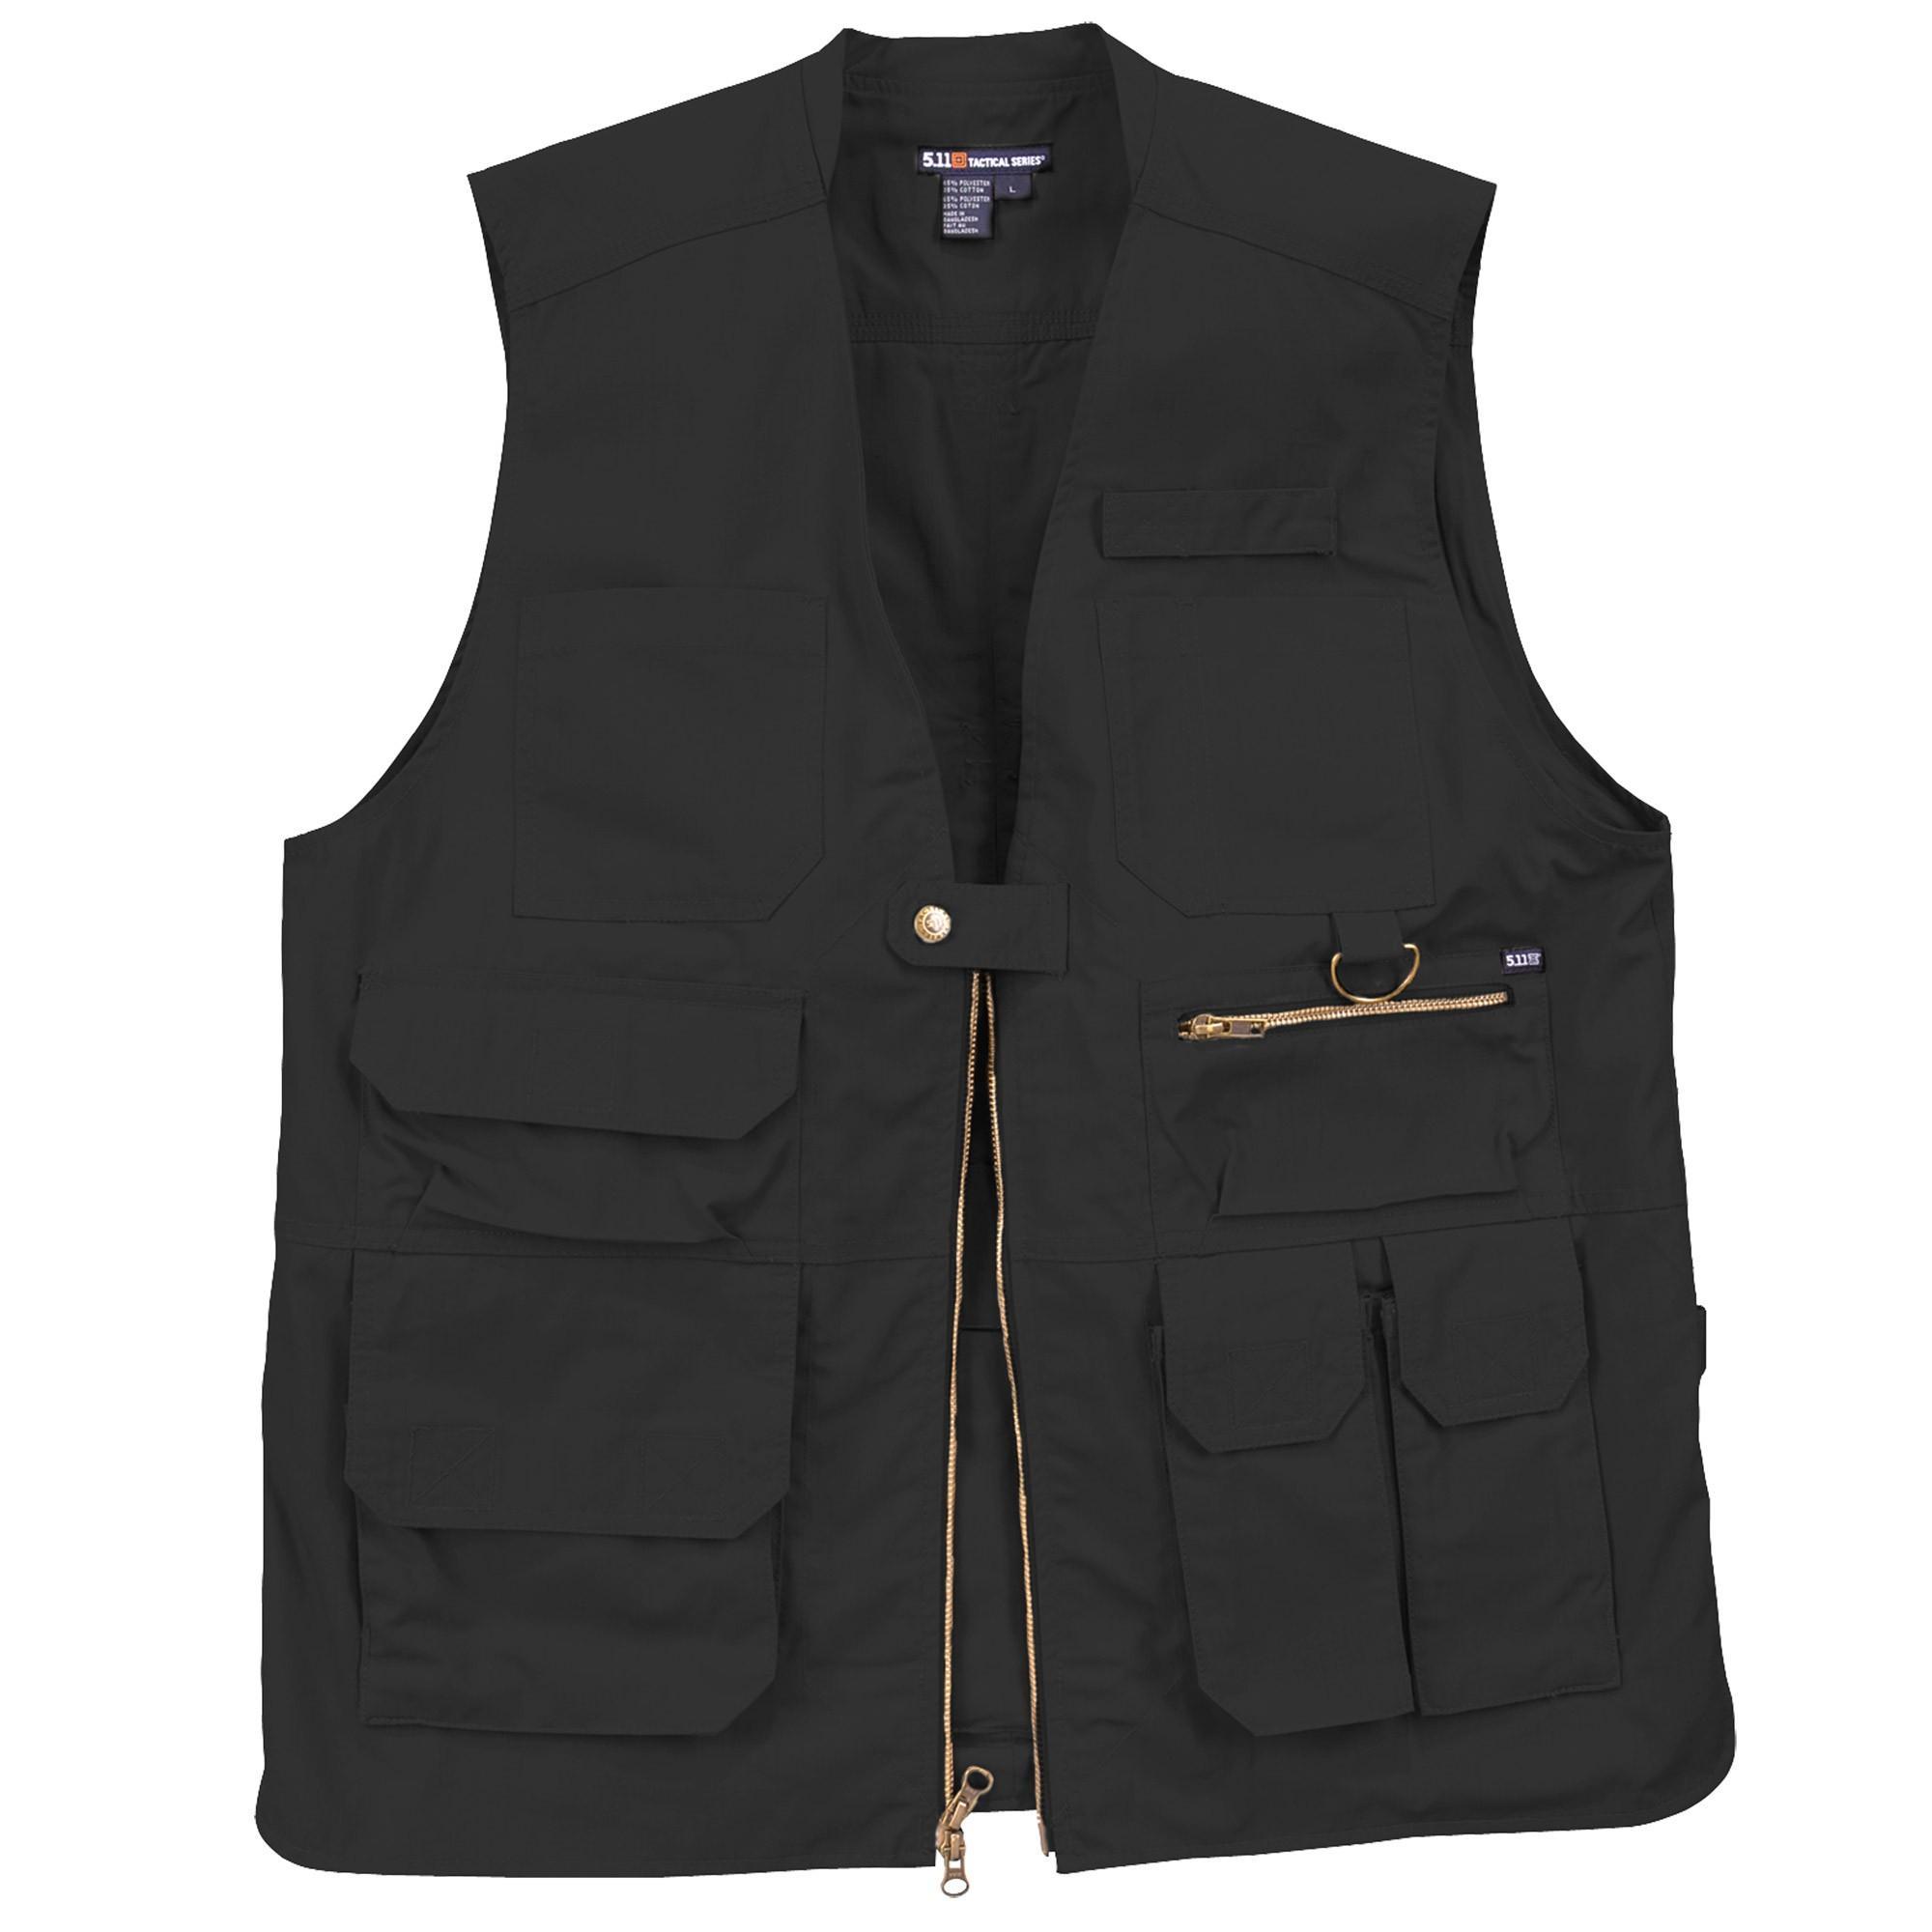 5.11 Taclite Pro Vest 80008